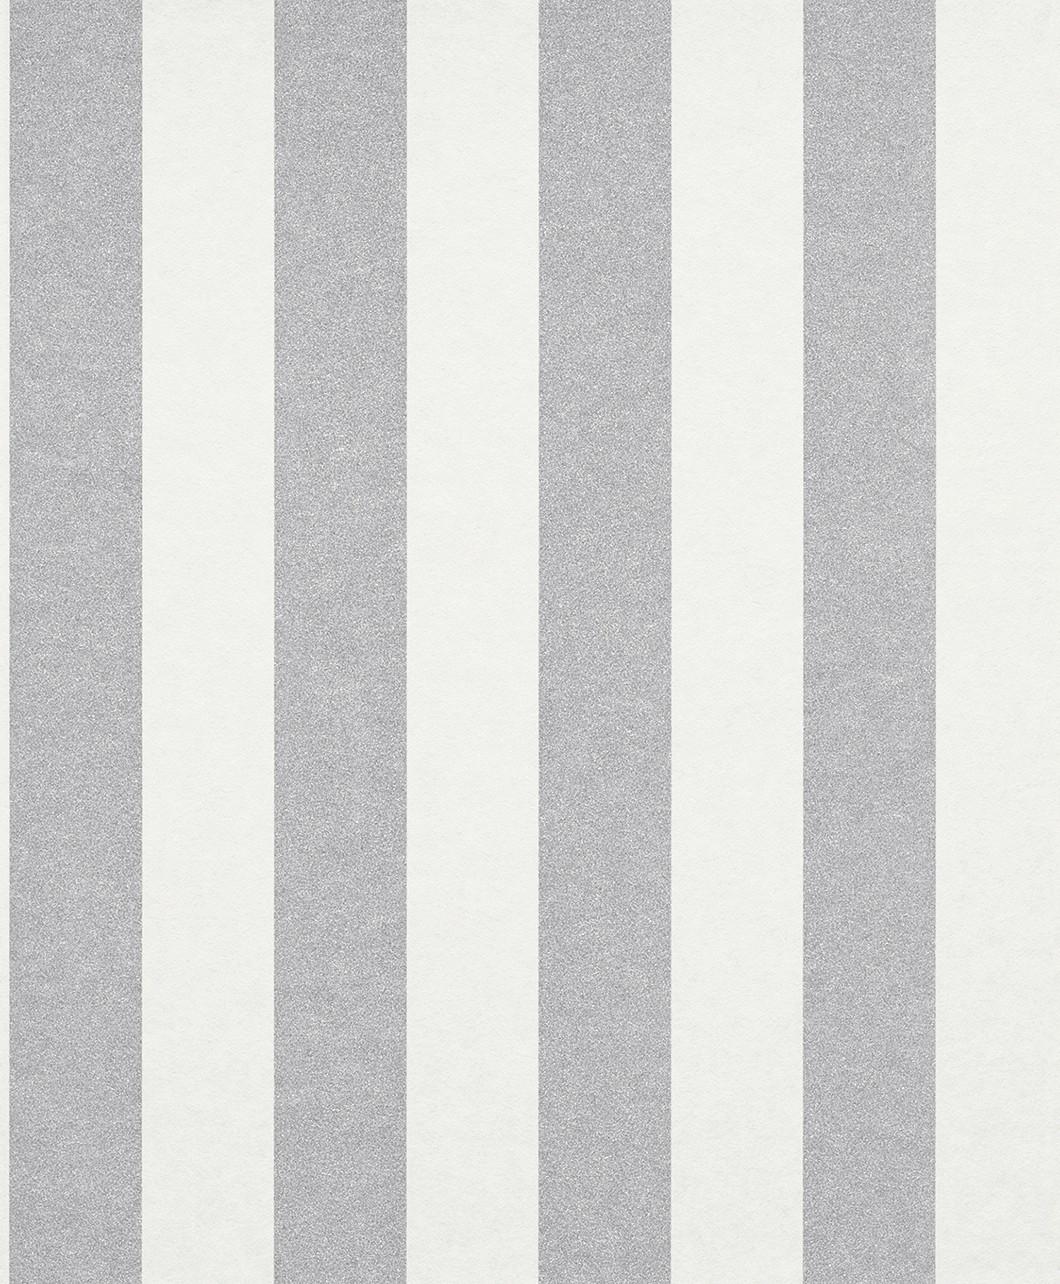 tapete vlies gestreift glitzer klassisch silber wei 225432. Black Bedroom Furniture Sets. Home Design Ideas